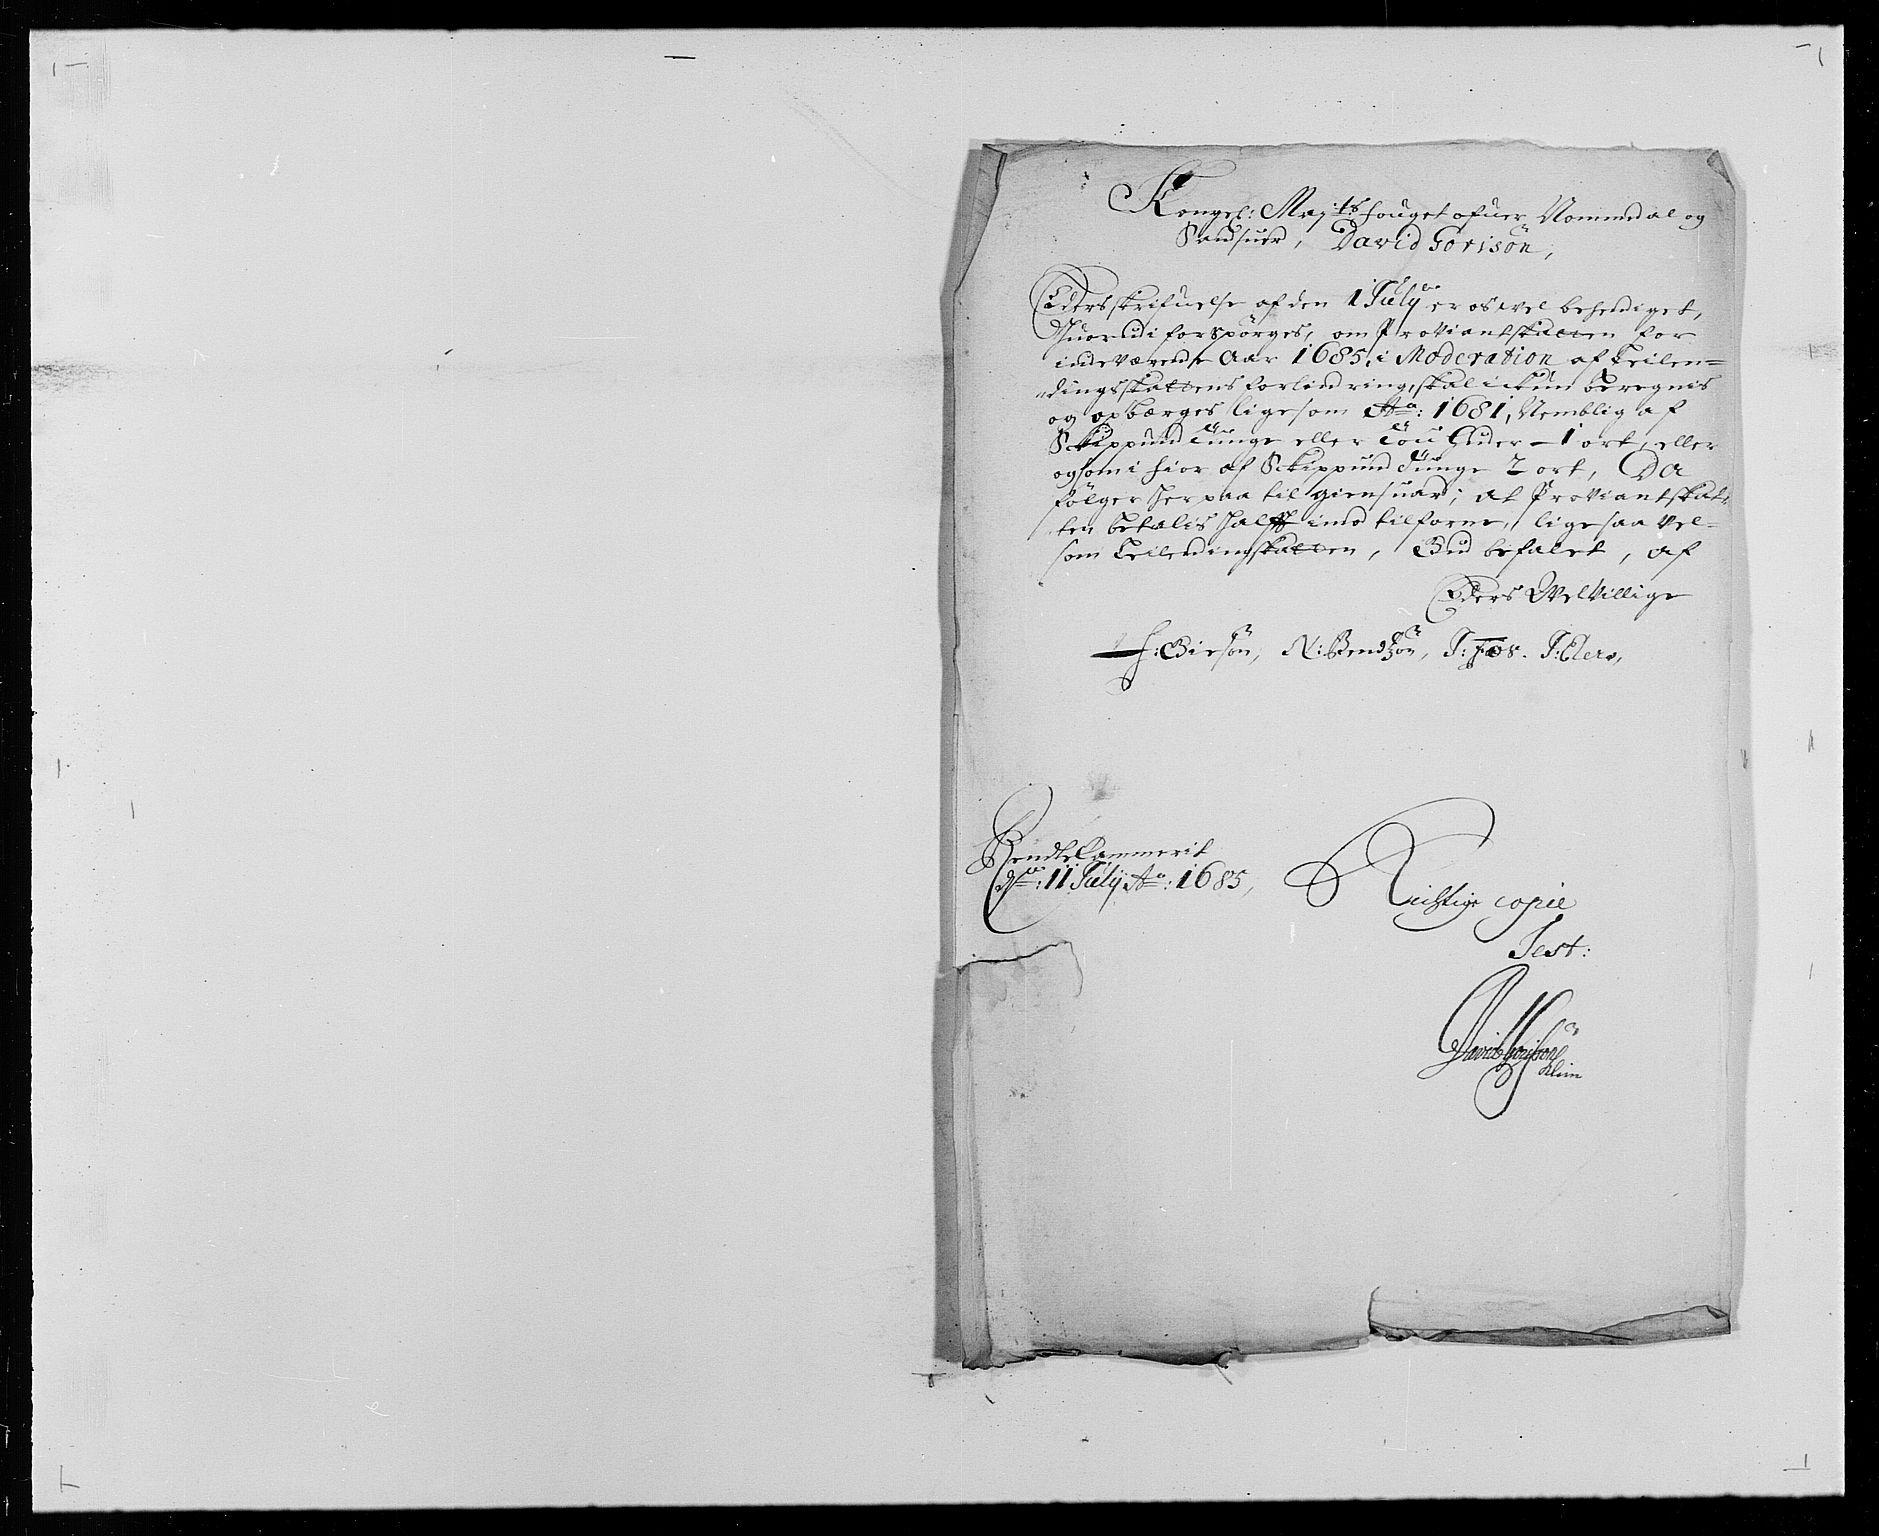 RA, Rentekammeret inntil 1814, Reviderte regnskaper, Fogderegnskap, R24/L1571: Fogderegnskap Numedal og Sandsvær, 1679-1686, s. 262